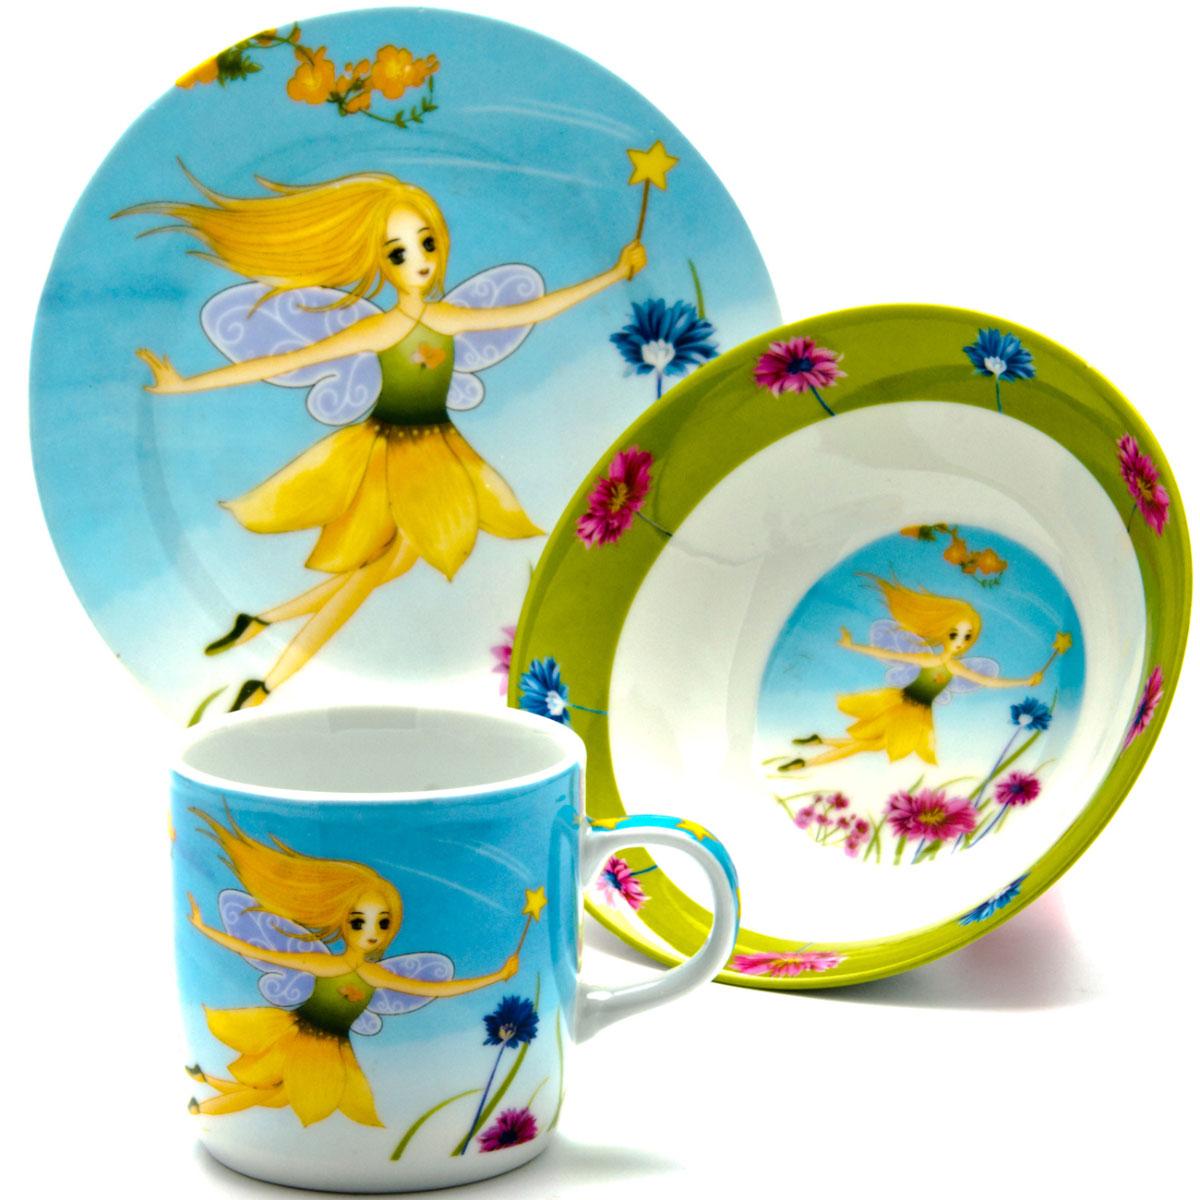 Набор посуды Loraine Фея, 3 предмета24026Набор посуды Фея сочетает в себе изысканный дизайн с максимальной функциональностью. В набор входят суповая тарелка, обеденная тарелка и кружка. Предметы набора выполнены из высококачественной керамики, декорированы красочным рисунком. Благодаря такому набору обед вашего ребенка будет еще вкуснее. Набор упакован в красочную, подарочную упаковку.